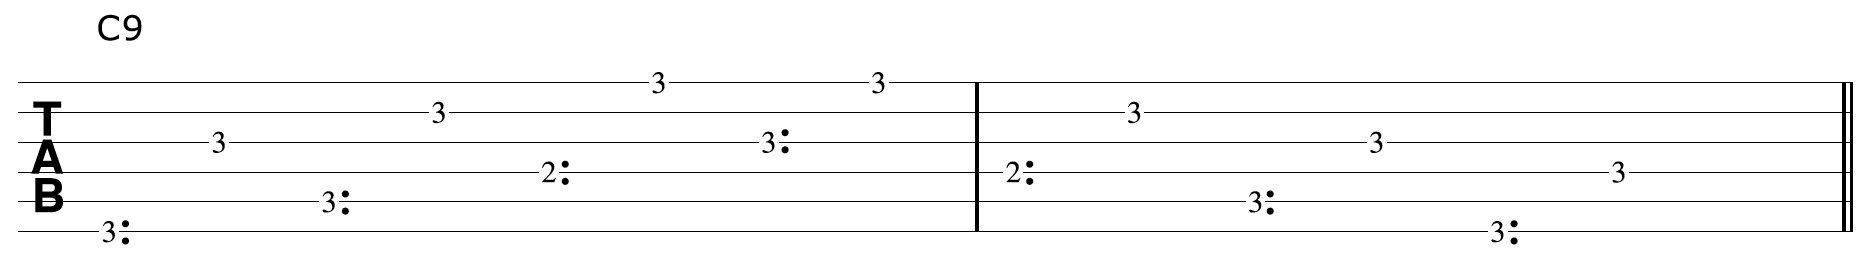 Harp-Harmonics-C9